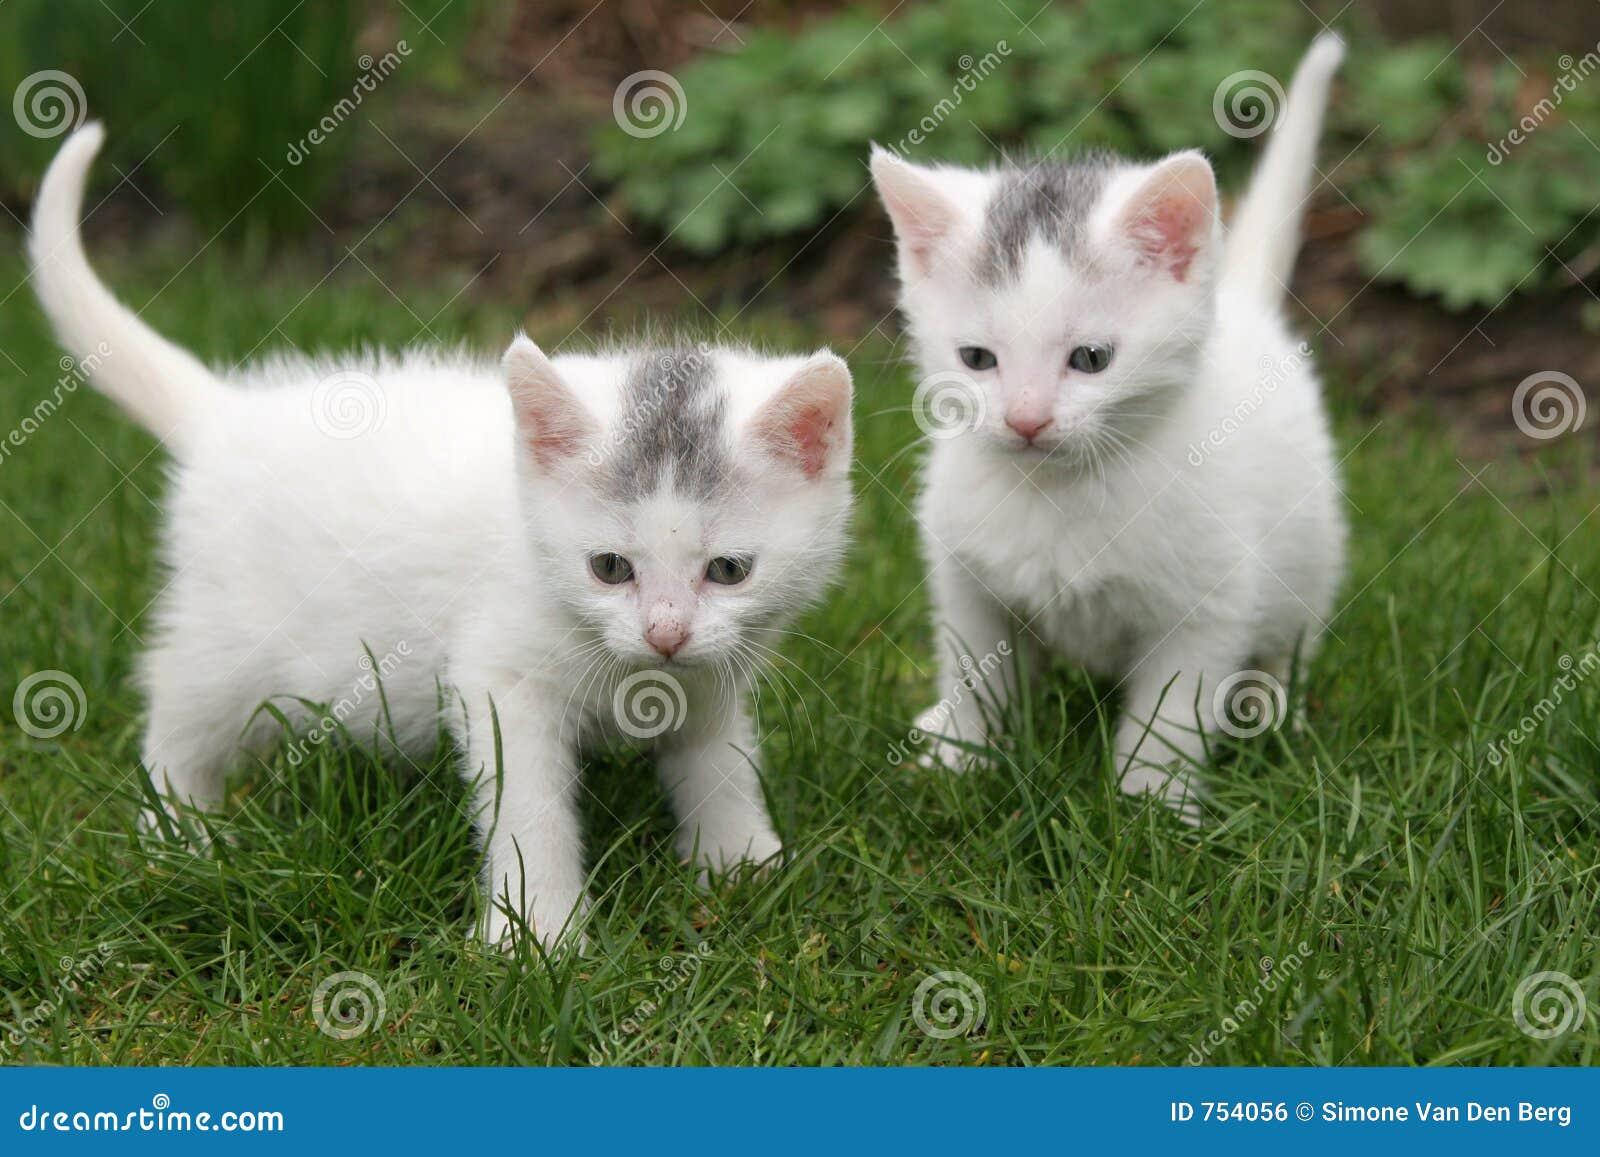 Estremamente Due gattini bianchi fotografia stock. Immagine di insieme - 754056 LL24